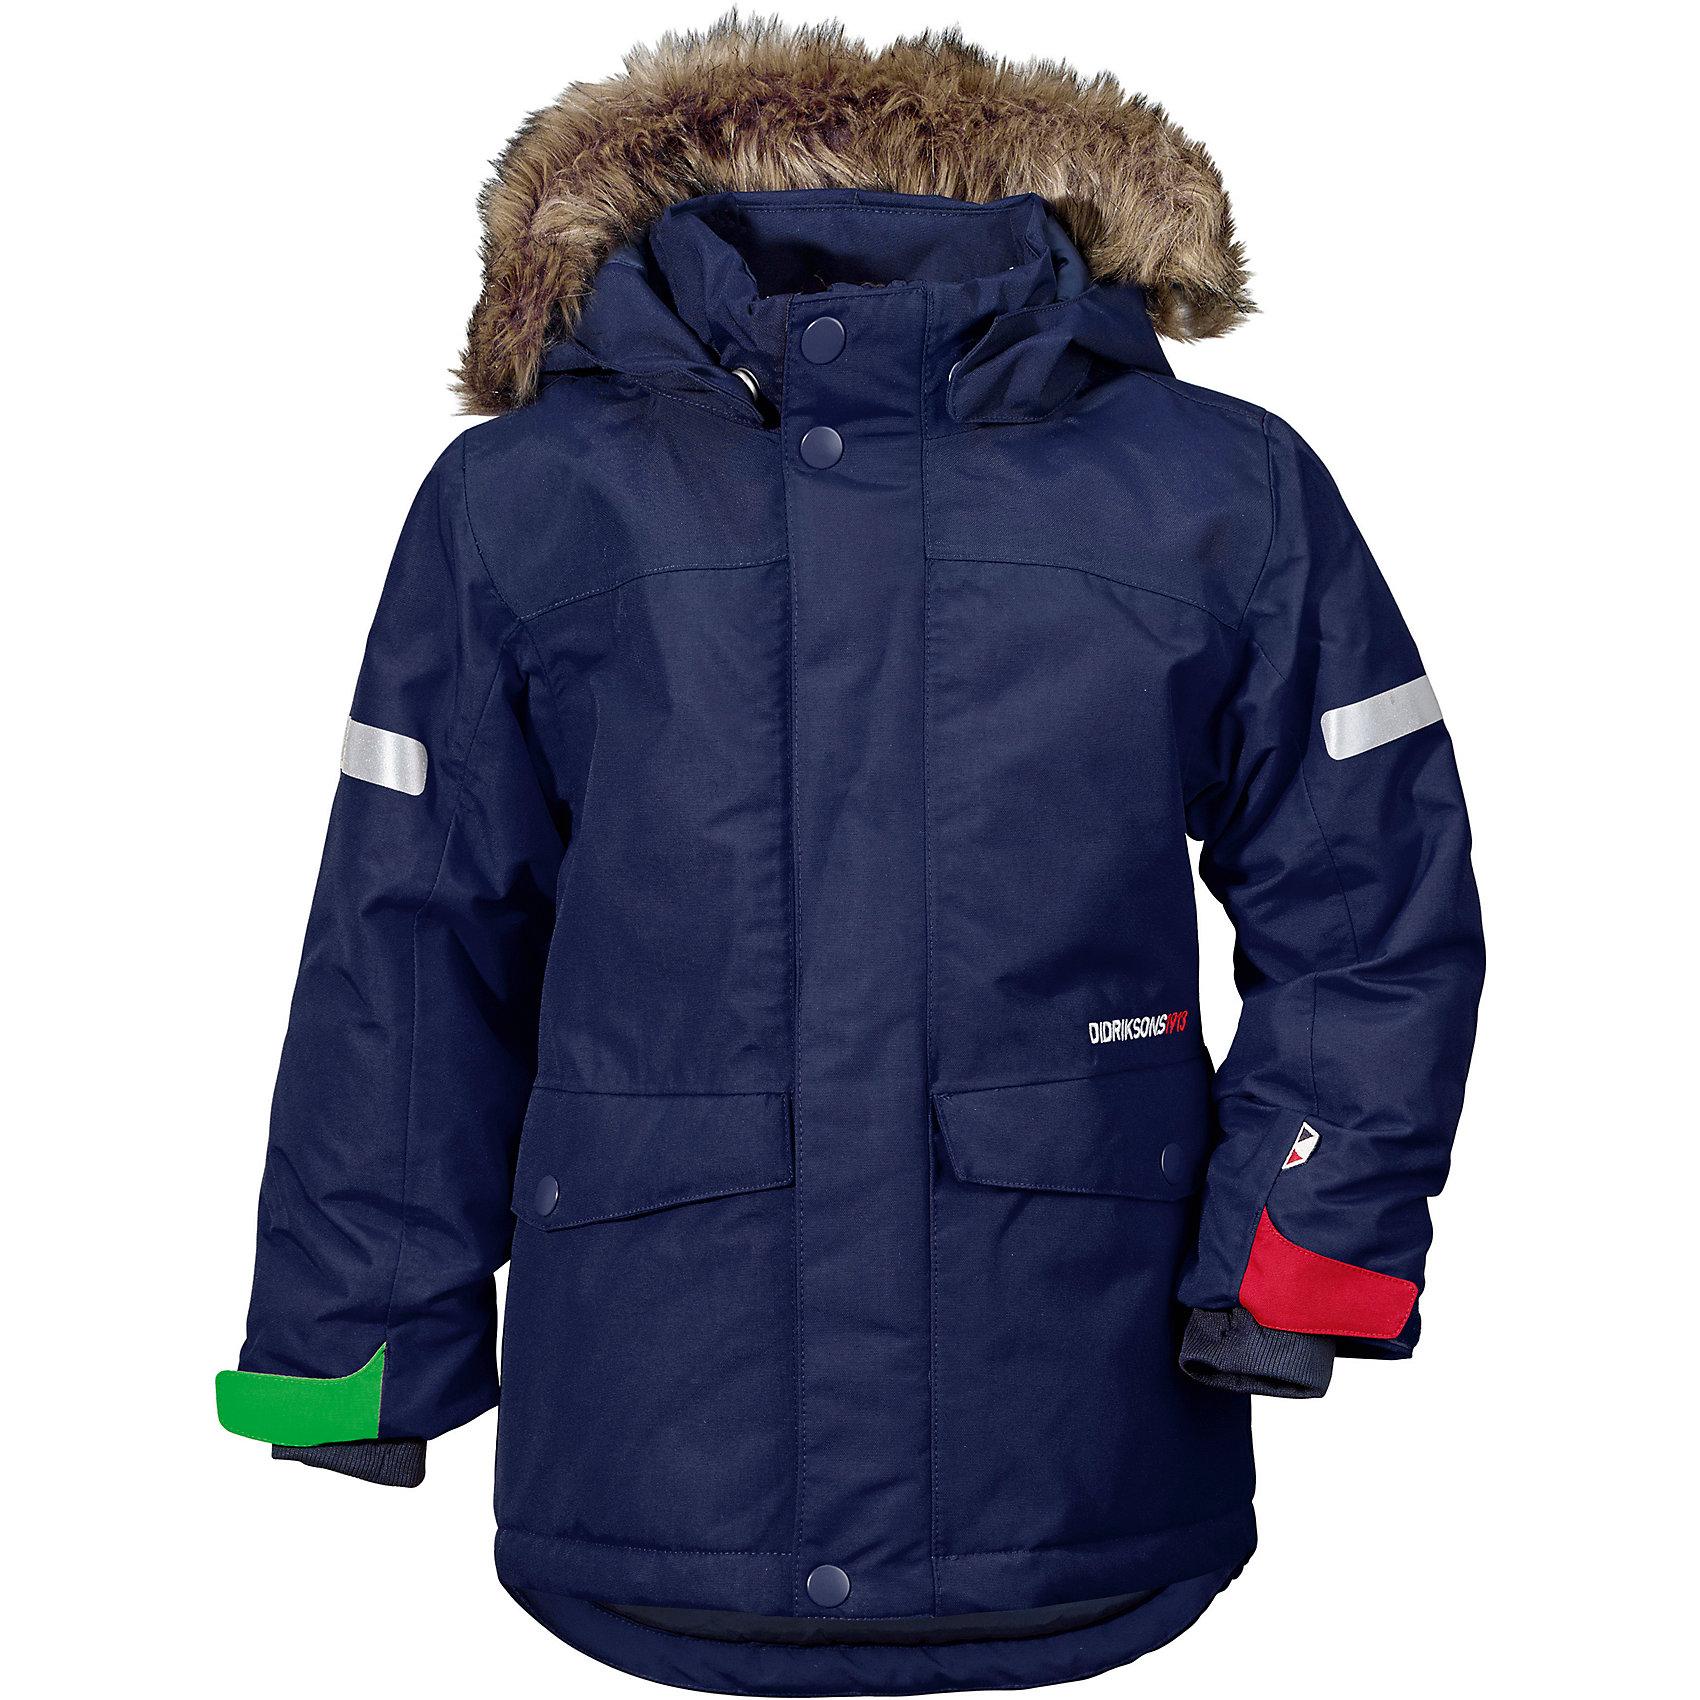 Куртка STORLIEN  DIDRIKSONSВерхняя одежда<br>Характеристики товара:<br><br>• цвет: синий<br>• состав ткани: 100% полиэстер<br>• подкладка: 100% полиэстер<br>• утеплитель: 100% полиэстер<br>• сезон: зима<br>• мембранное покрытие<br>• температурный режим: от -20 до 0<br>• водонепроницаемость: 10000 мм <br>• паропроницаемость: 4000 г/м2<br>• плотность утеплителя: 180 г/м2<br>• швы проклеены<br>• съемный капюшон<br>• съемный искусственный мех на капюшоне<br>• регулируемый капюшон, талия и рукава<br>• внутренние эластичные манжеты с отверстием для большого пальца<br>• крепления для перчаток<br>• светоотражающие детали<br>• застежка: молния, кнопки<br>• штрипки<br>• конструкция позволяет увеличить длину рукава и штанин на один размер<br>• страна бренда: Швеция<br>• страна изготовитель: Китай<br><br>Верх детской куртки - материал, который не промокает и не продувается, его легко чистить. Мембранная детская куртка надежно защитит ребенка в холода и мокрую погоду. Мягкая подкладка теплой куртки делает его очень комфортной. Мембранная куртка для ребенка дополнен удобным капюшоном, планкой от ветра и карманами. <br><br>Куртку Storlien Didriksons (Дидриксонс) можно купить в нашем интернет-магазине.<br><br>Ширина мм: 356<br>Глубина мм: 10<br>Высота мм: 245<br>Вес г: 519<br>Цвет: голубой<br>Возраст от месяцев: 108<br>Возраст до месяцев: 120<br>Пол: Унисекс<br>Возраст: Детский<br>Размер: 140,80,90,100,110,120,130<br>SKU: 7045452